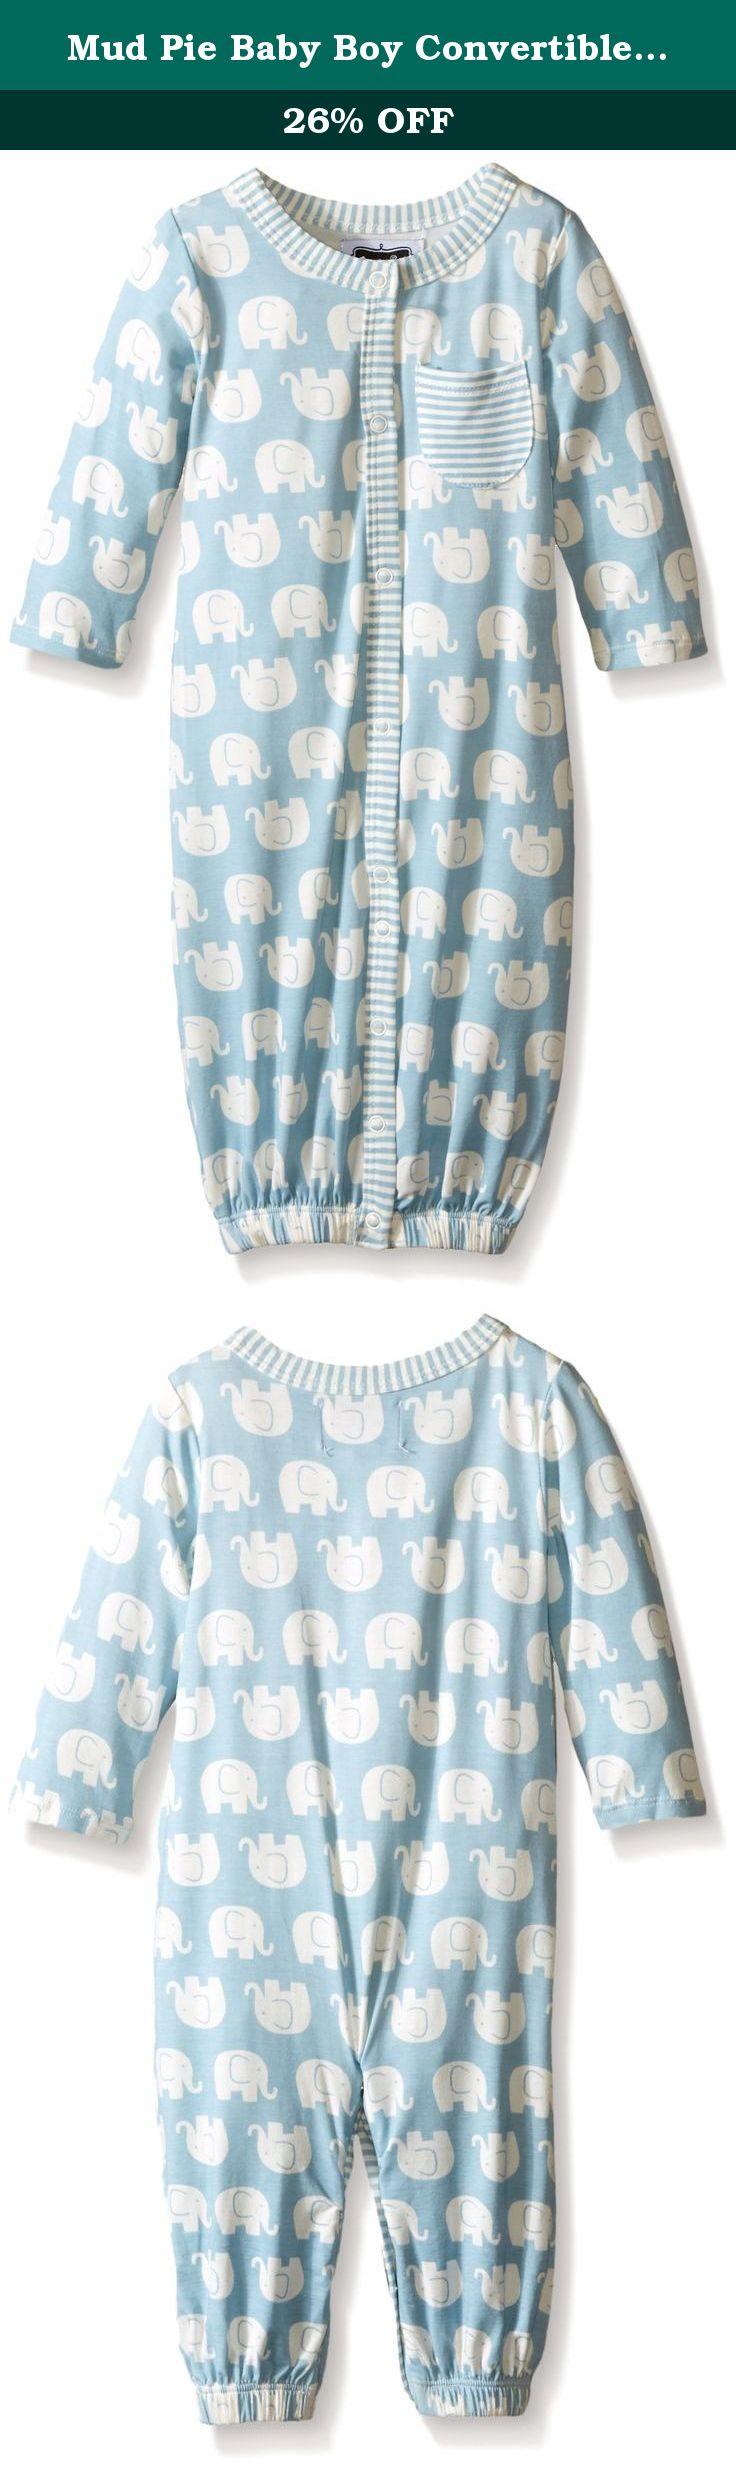 Mud Pie Baby Boy Convertible Sleepwear Gown, Blue, 0-3 Months. V ...